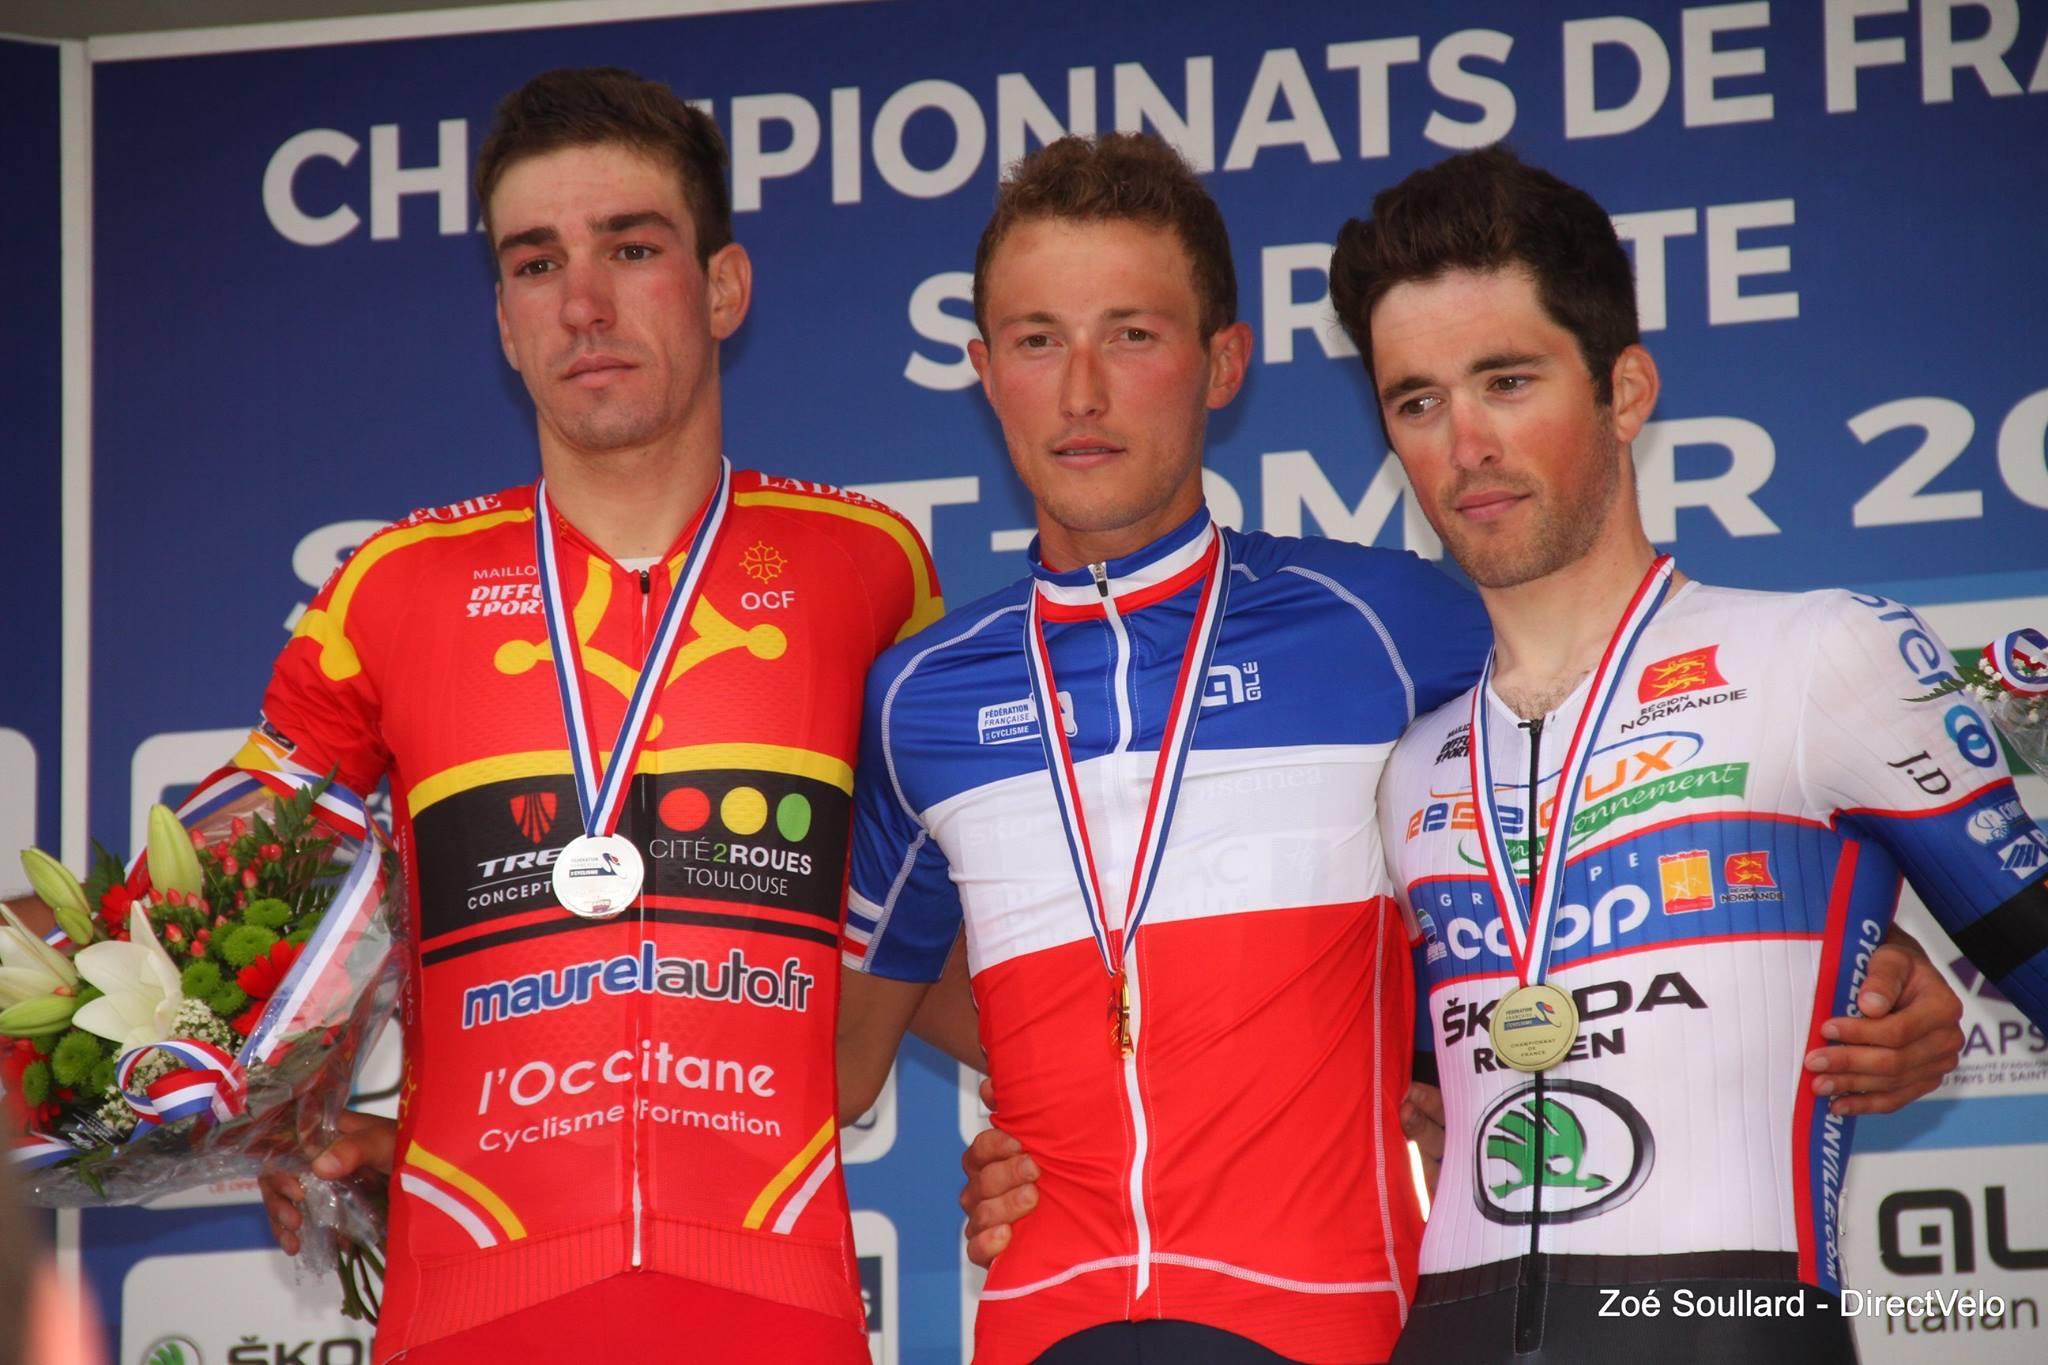 L'Occitane Cyclisme, Bruno Armirail 3, Cité2Roues Toulouse